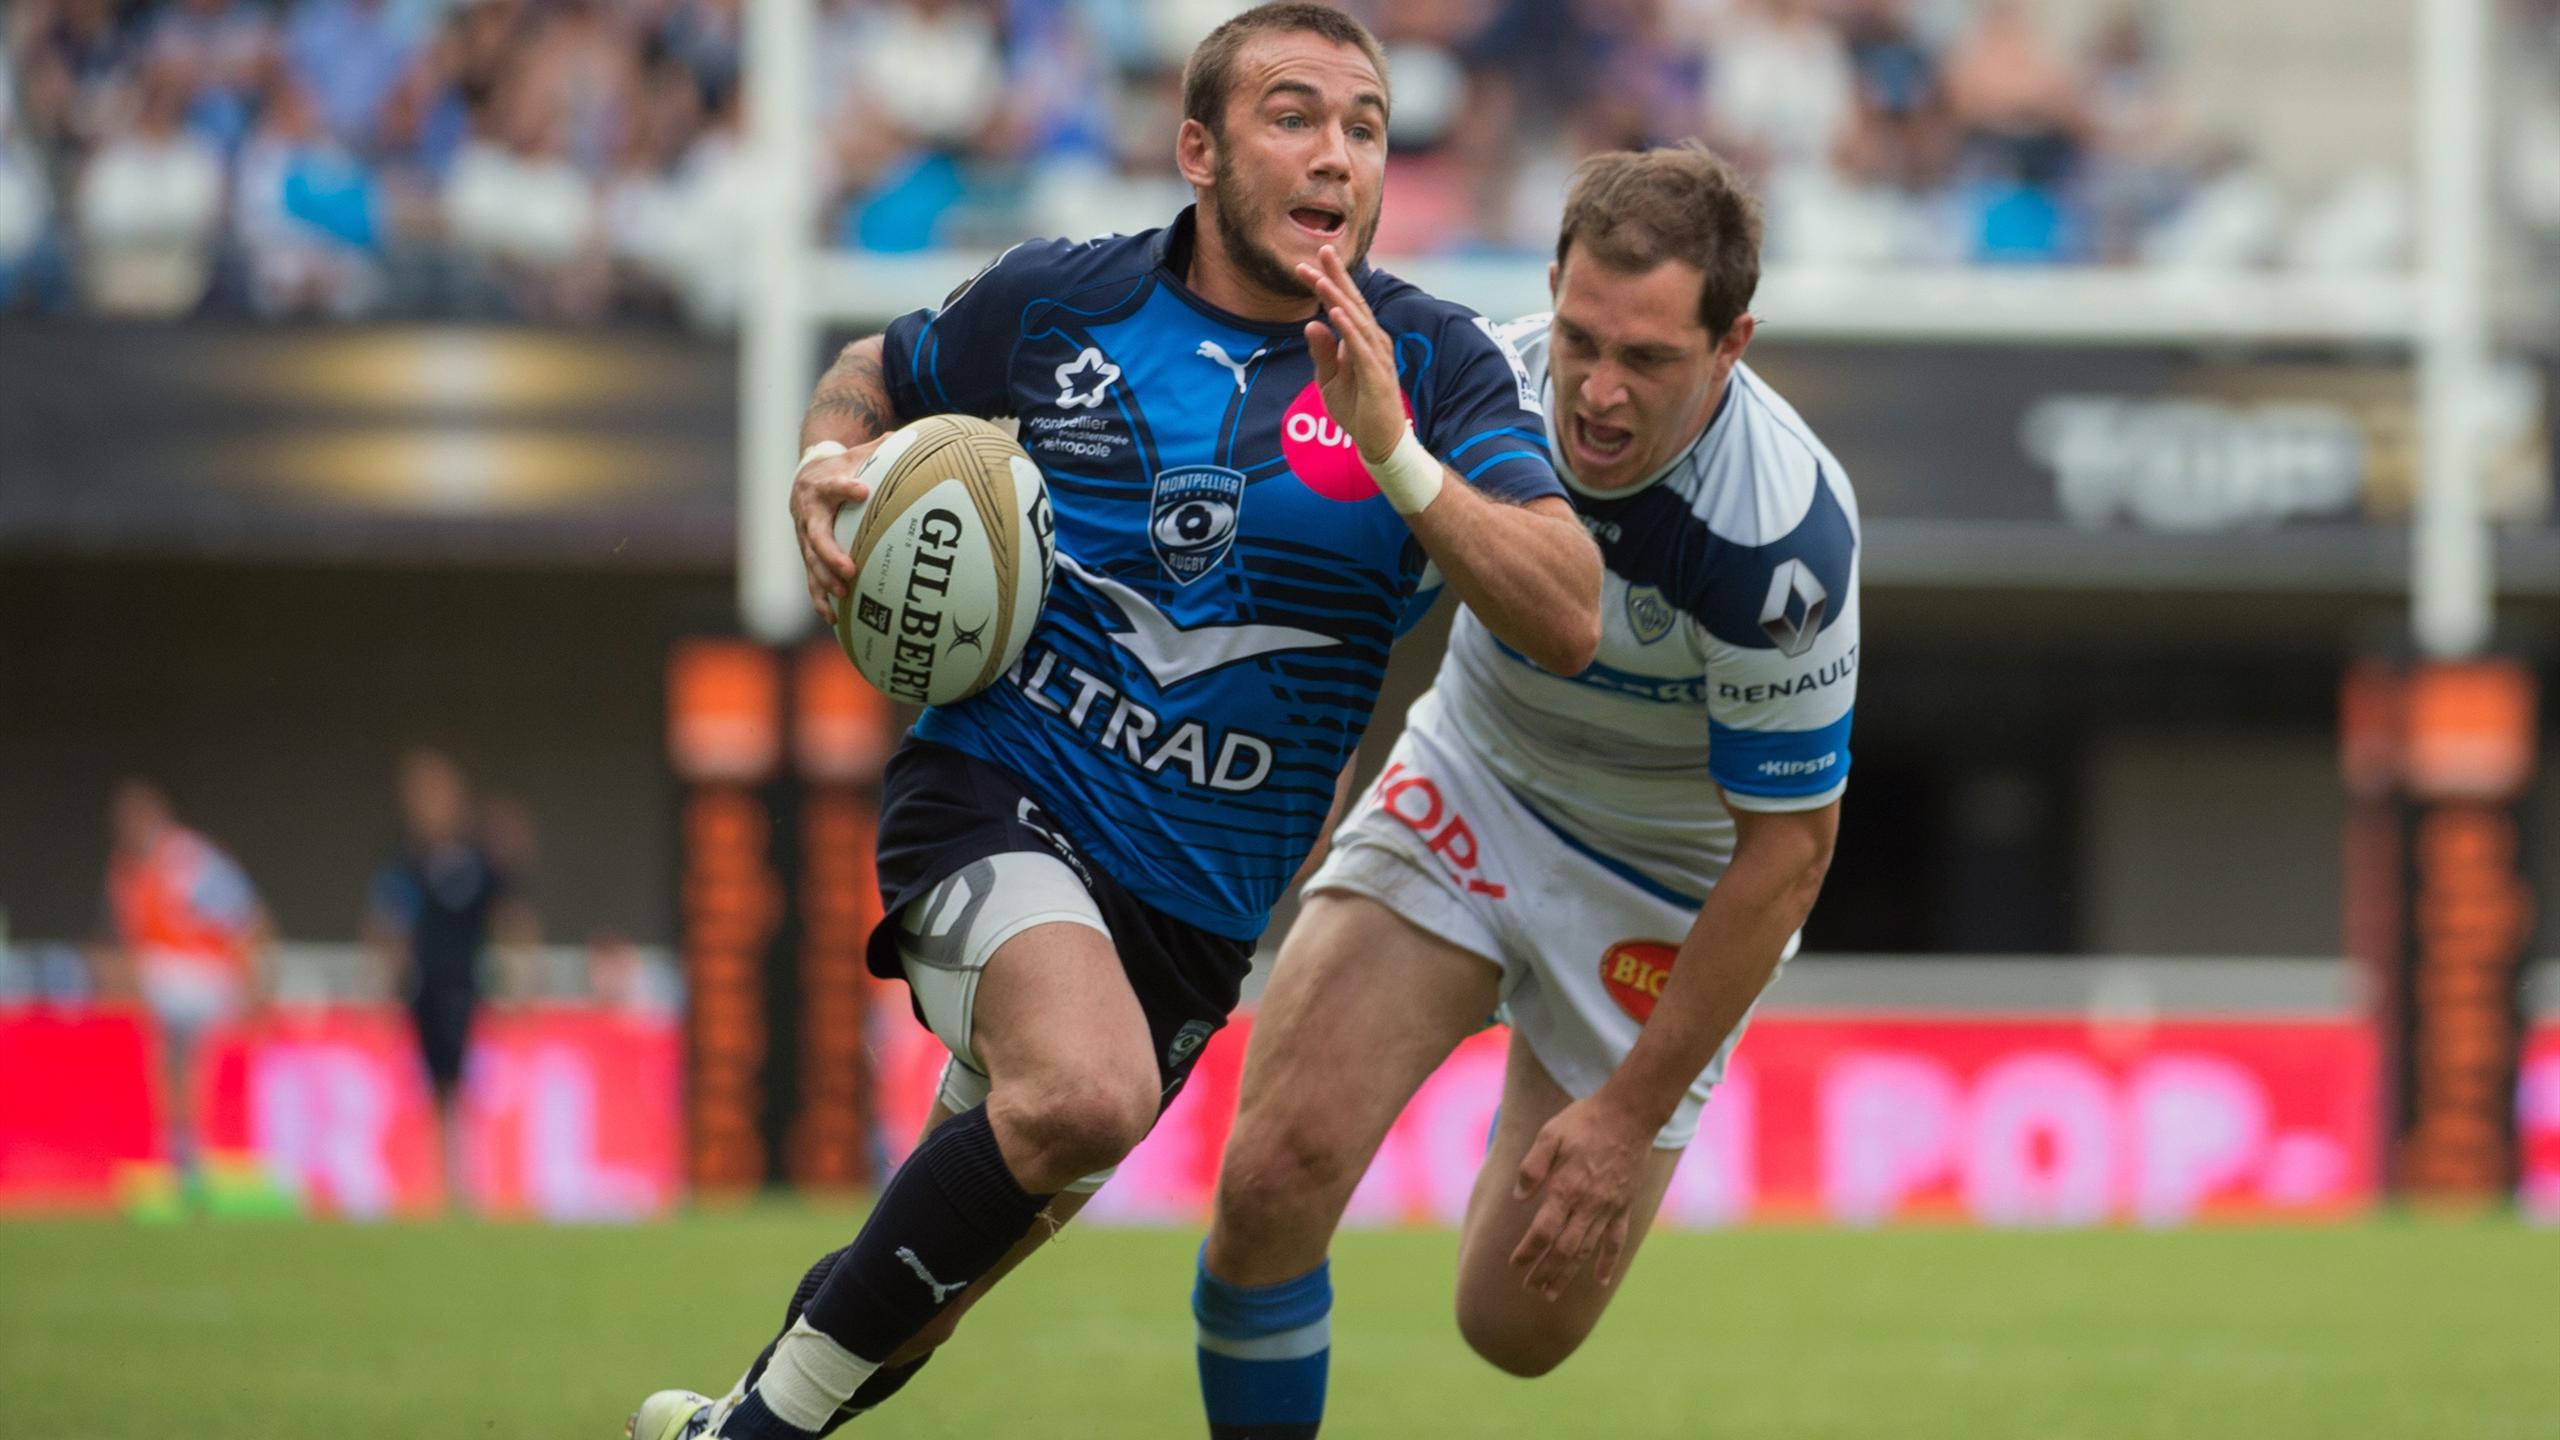 Benoît Paillaugue (Montpellier) échappe à Benjamin Urdapilleta (Castres)